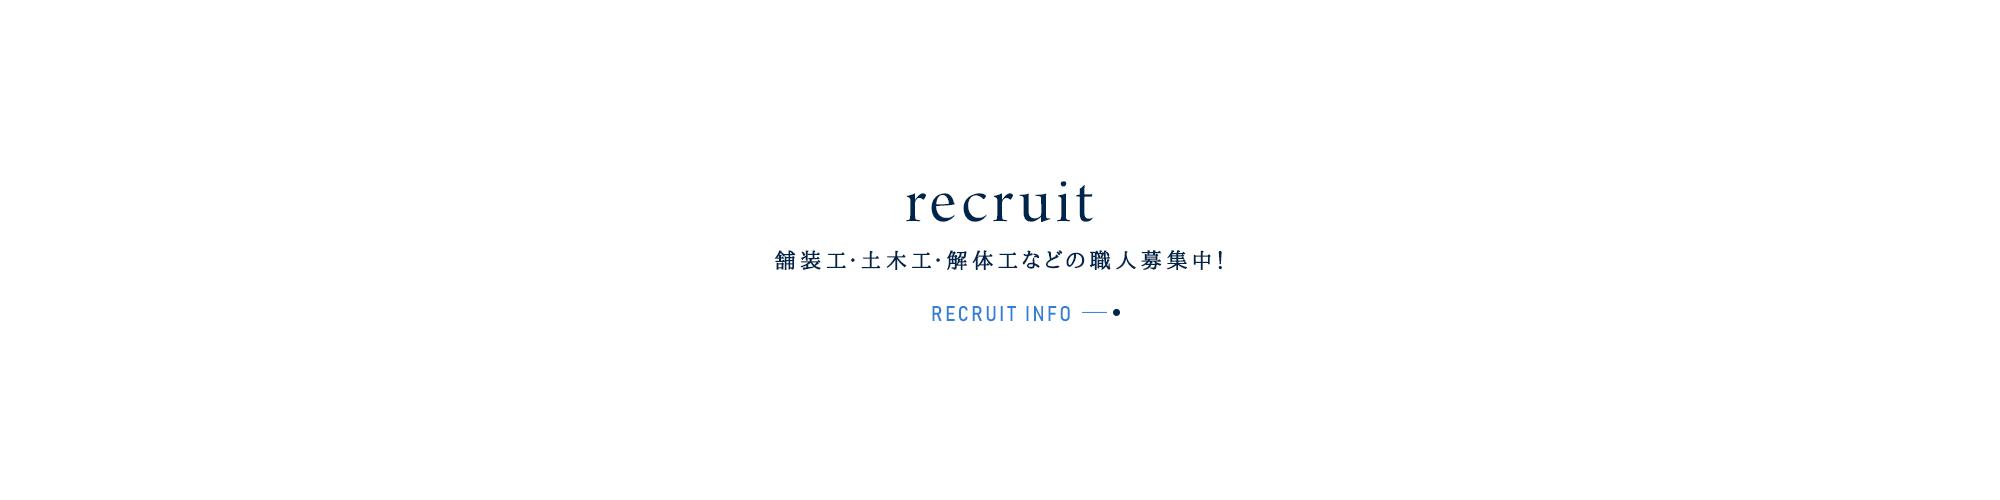 banner_recruit_full